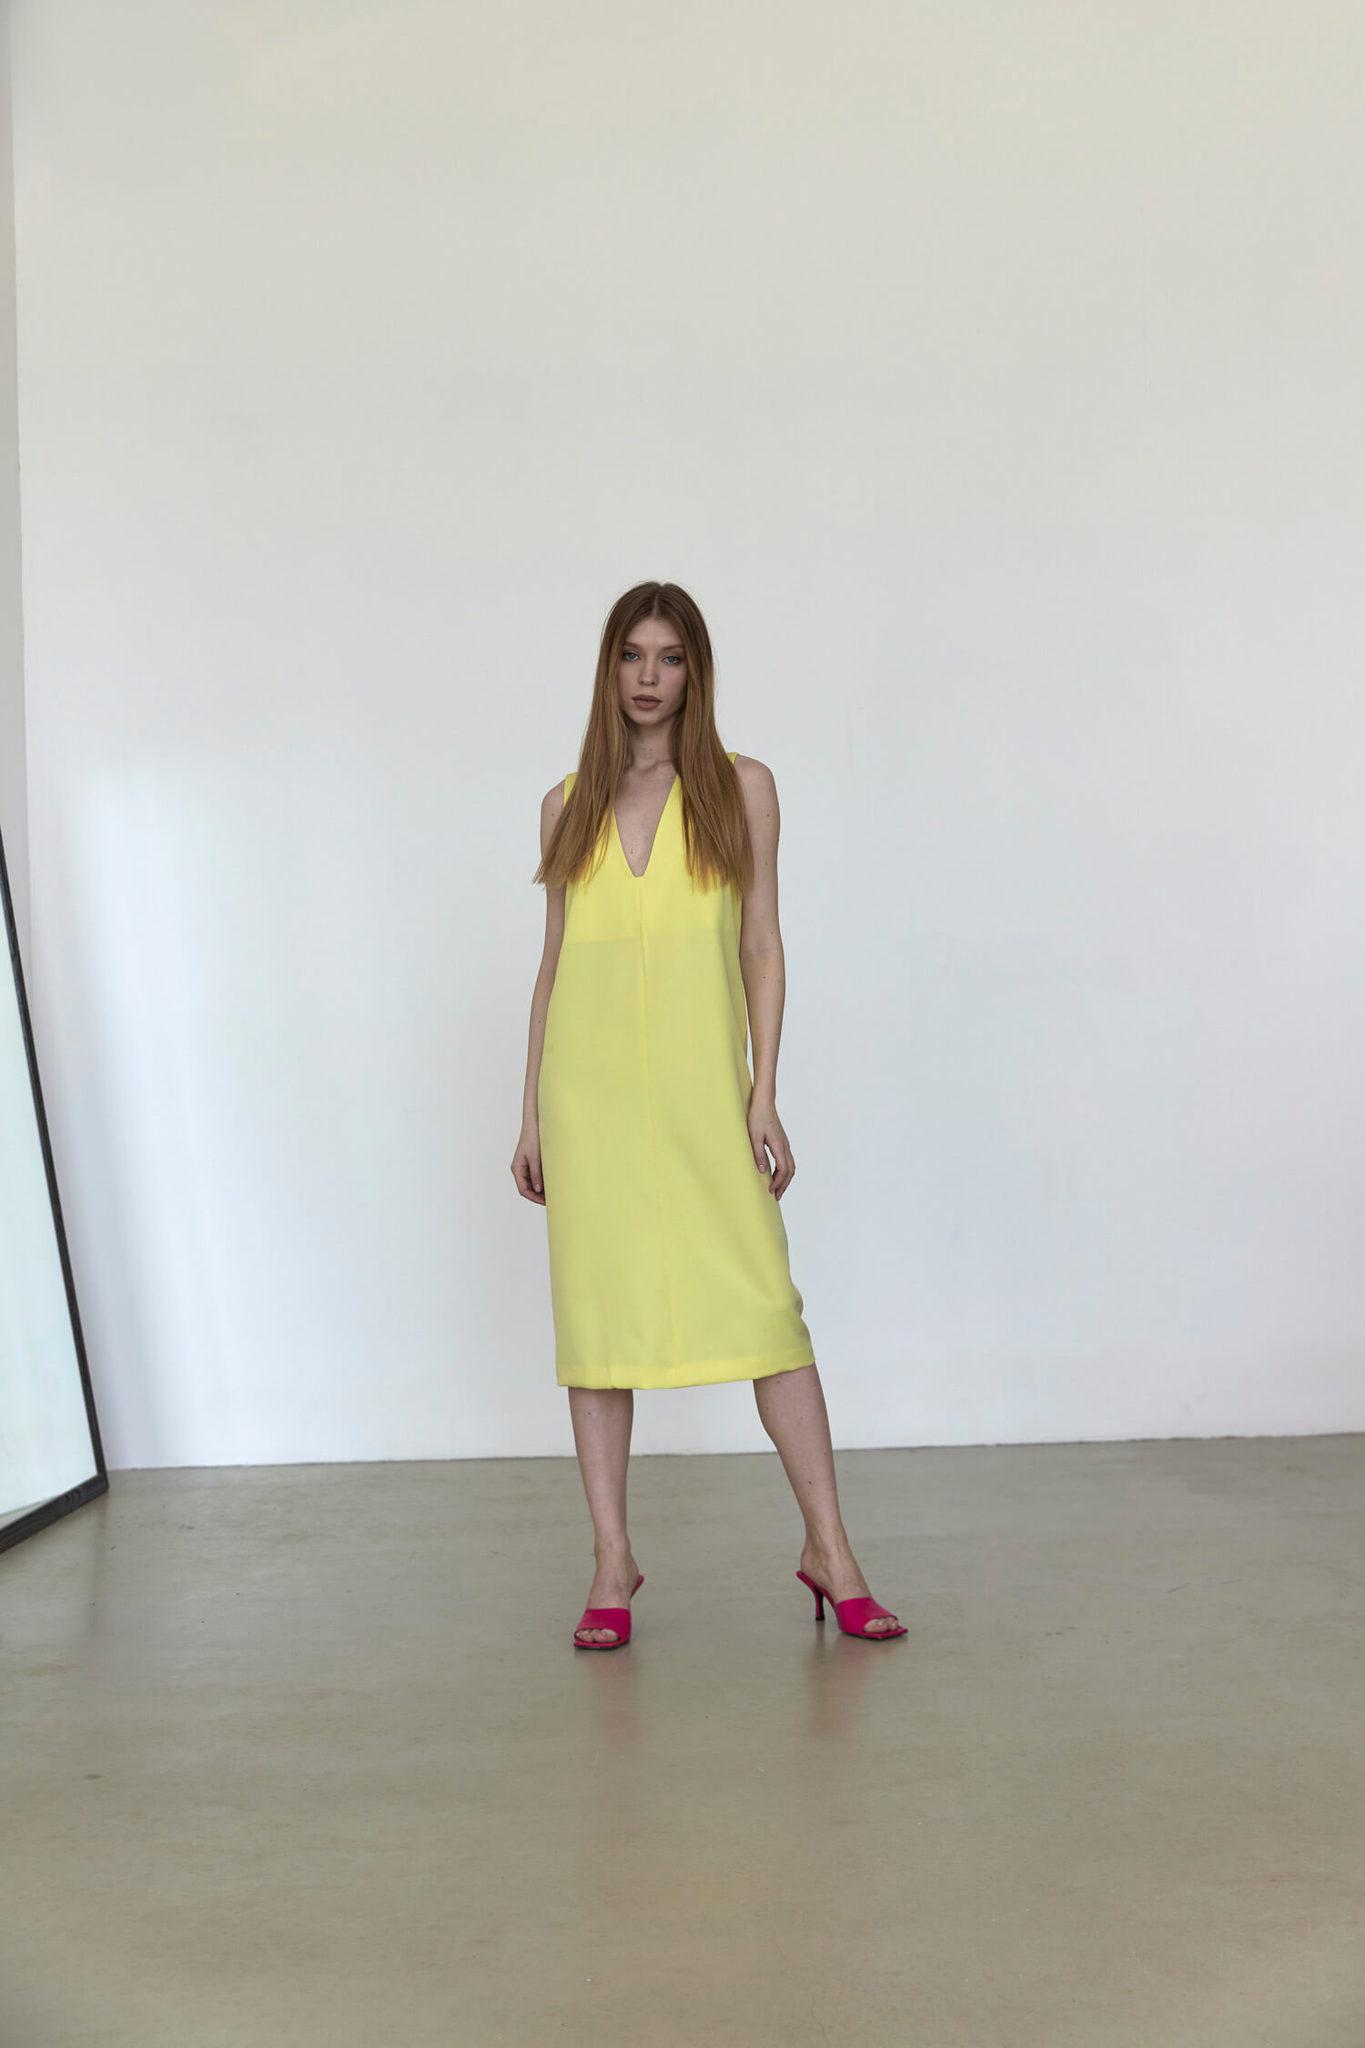 Платье без боковых швов с вырезом на груди, желтое